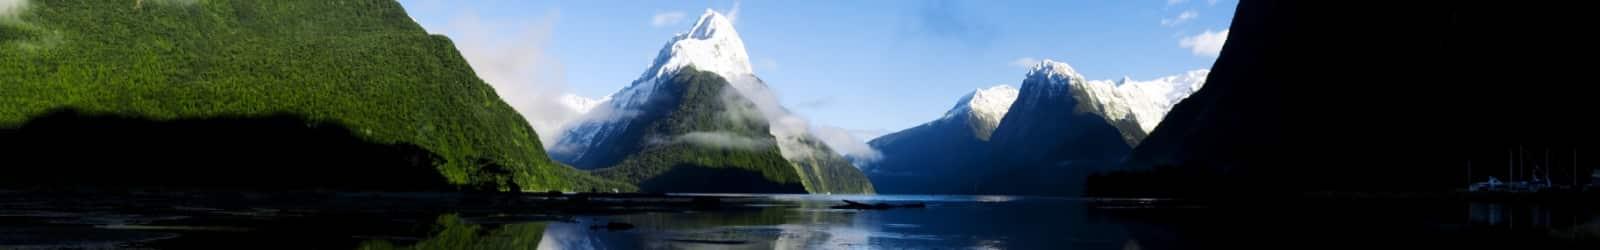 A voir: les Milford Sound de Nouvelle-Zélande.